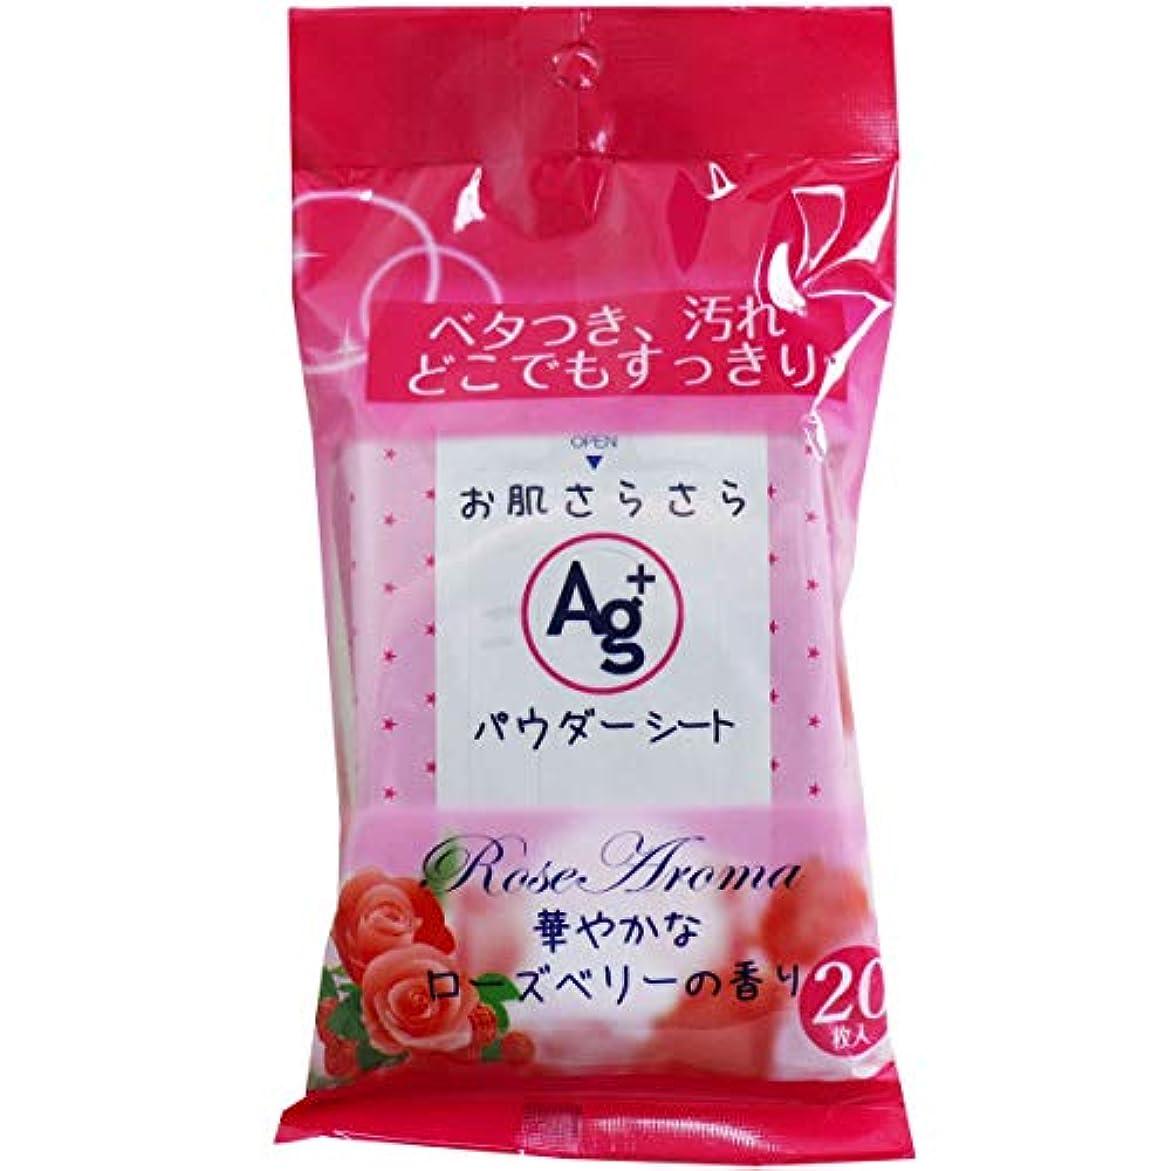 アンドリューハリディコンドーム損なうお肌さらさらパウダーシート Ag+ ローズベリーの香り 20枚入